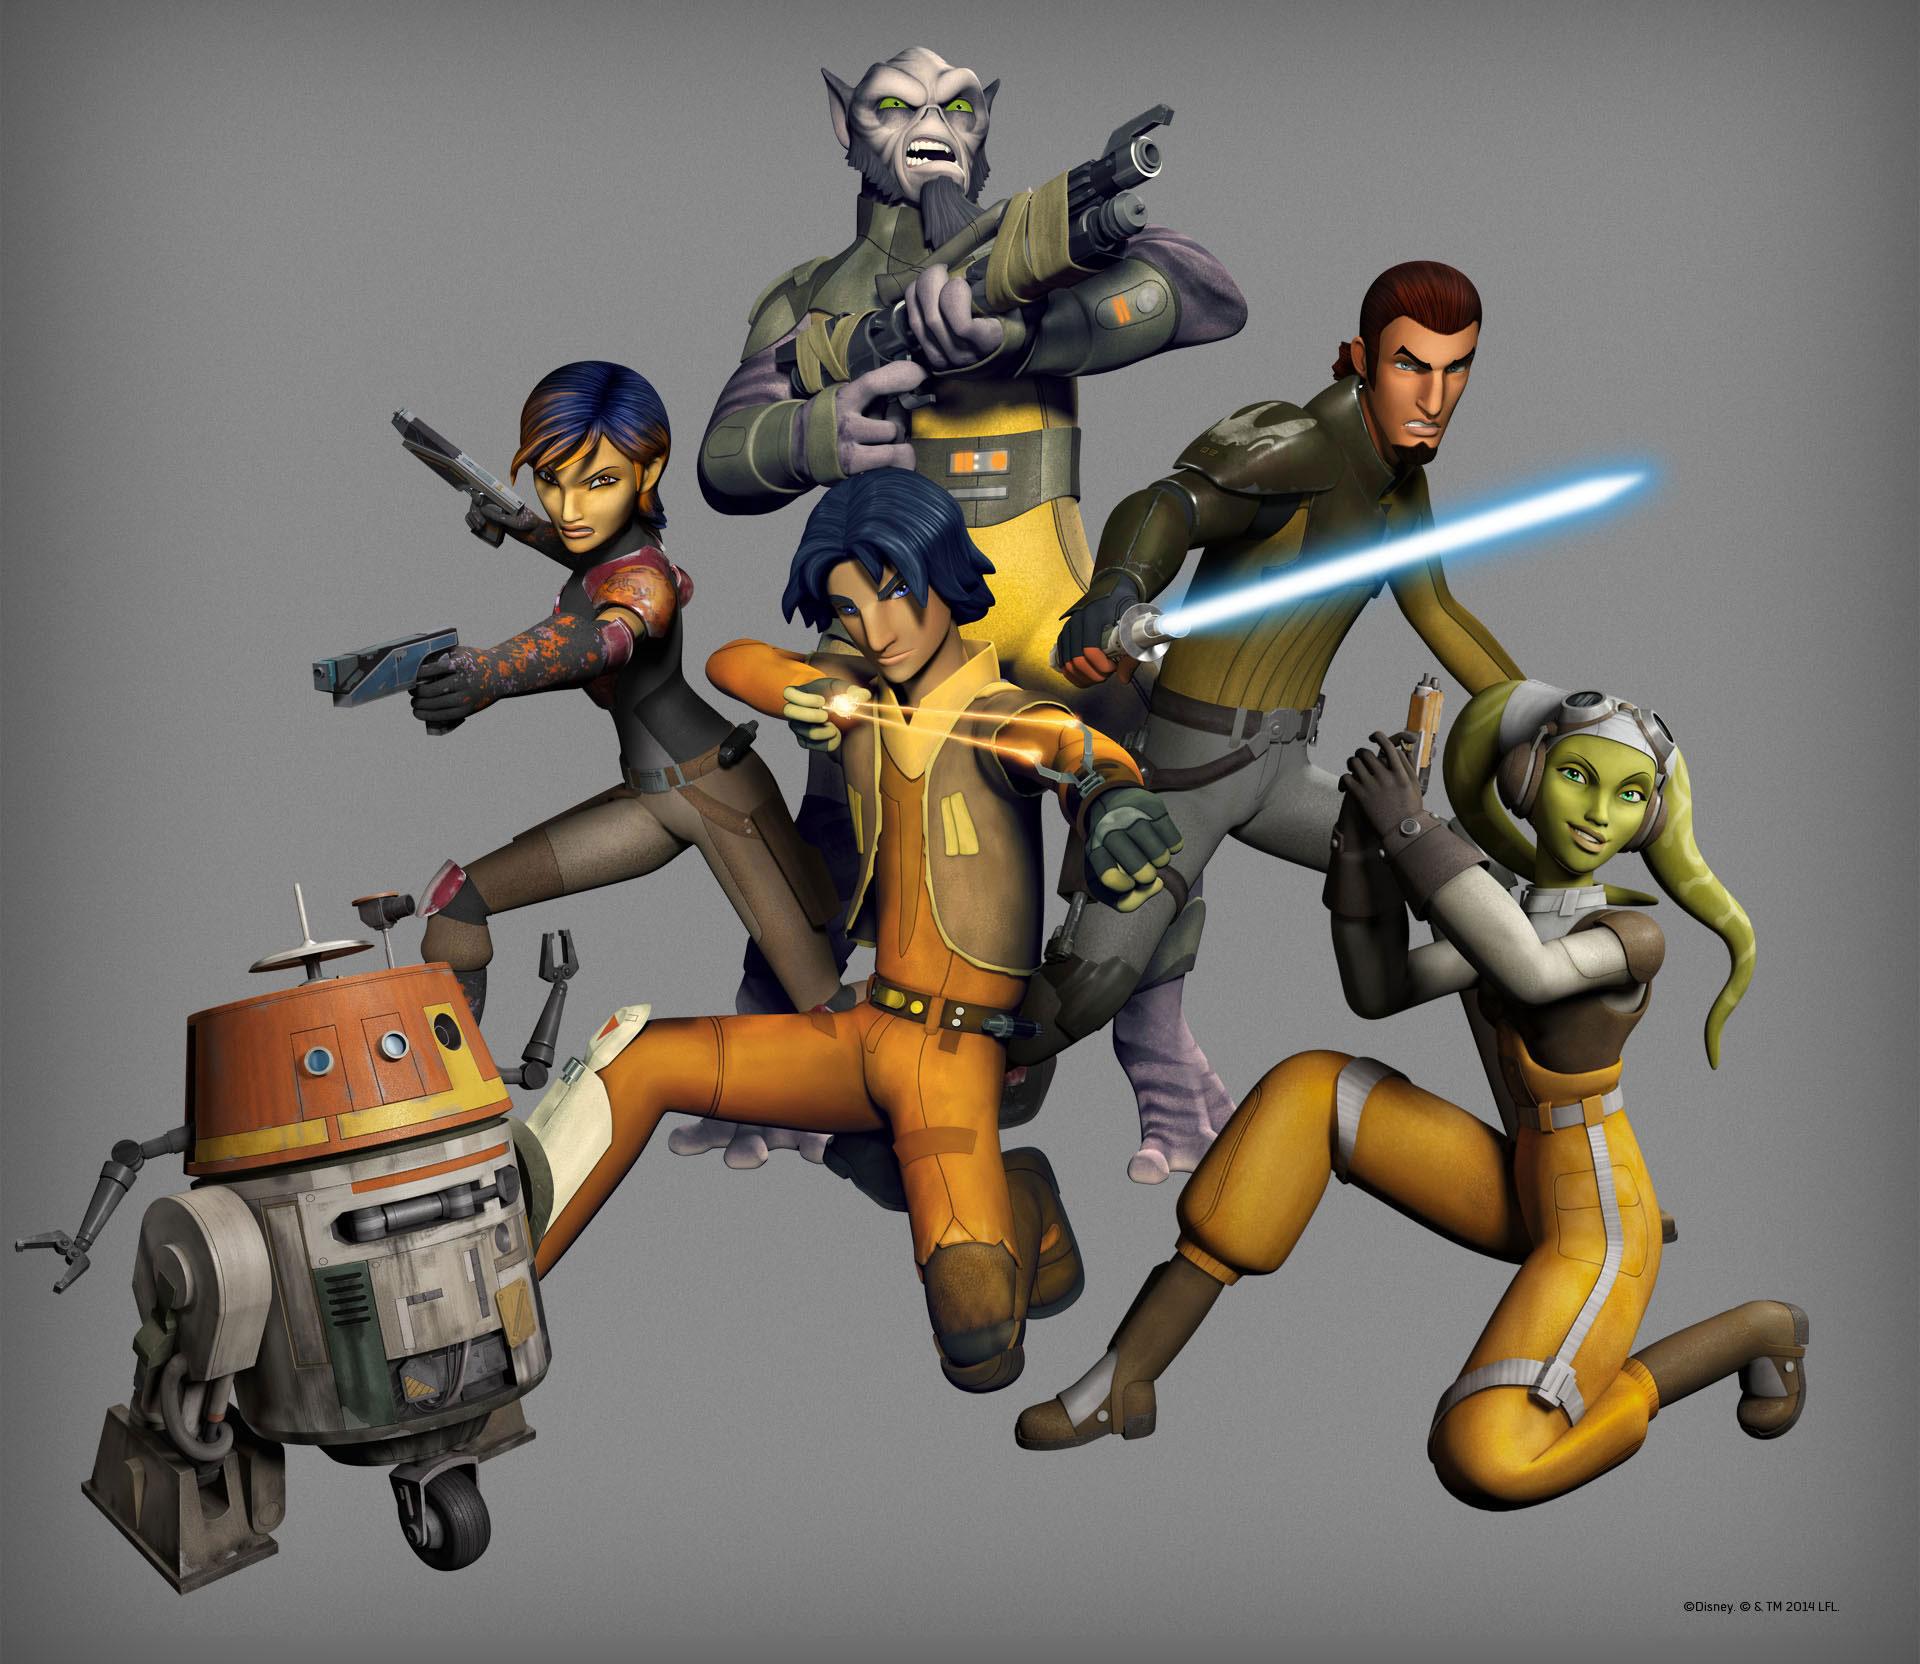 FileThe Rebels of Lothal jpg Star Wars Rebels Ezra Bridger